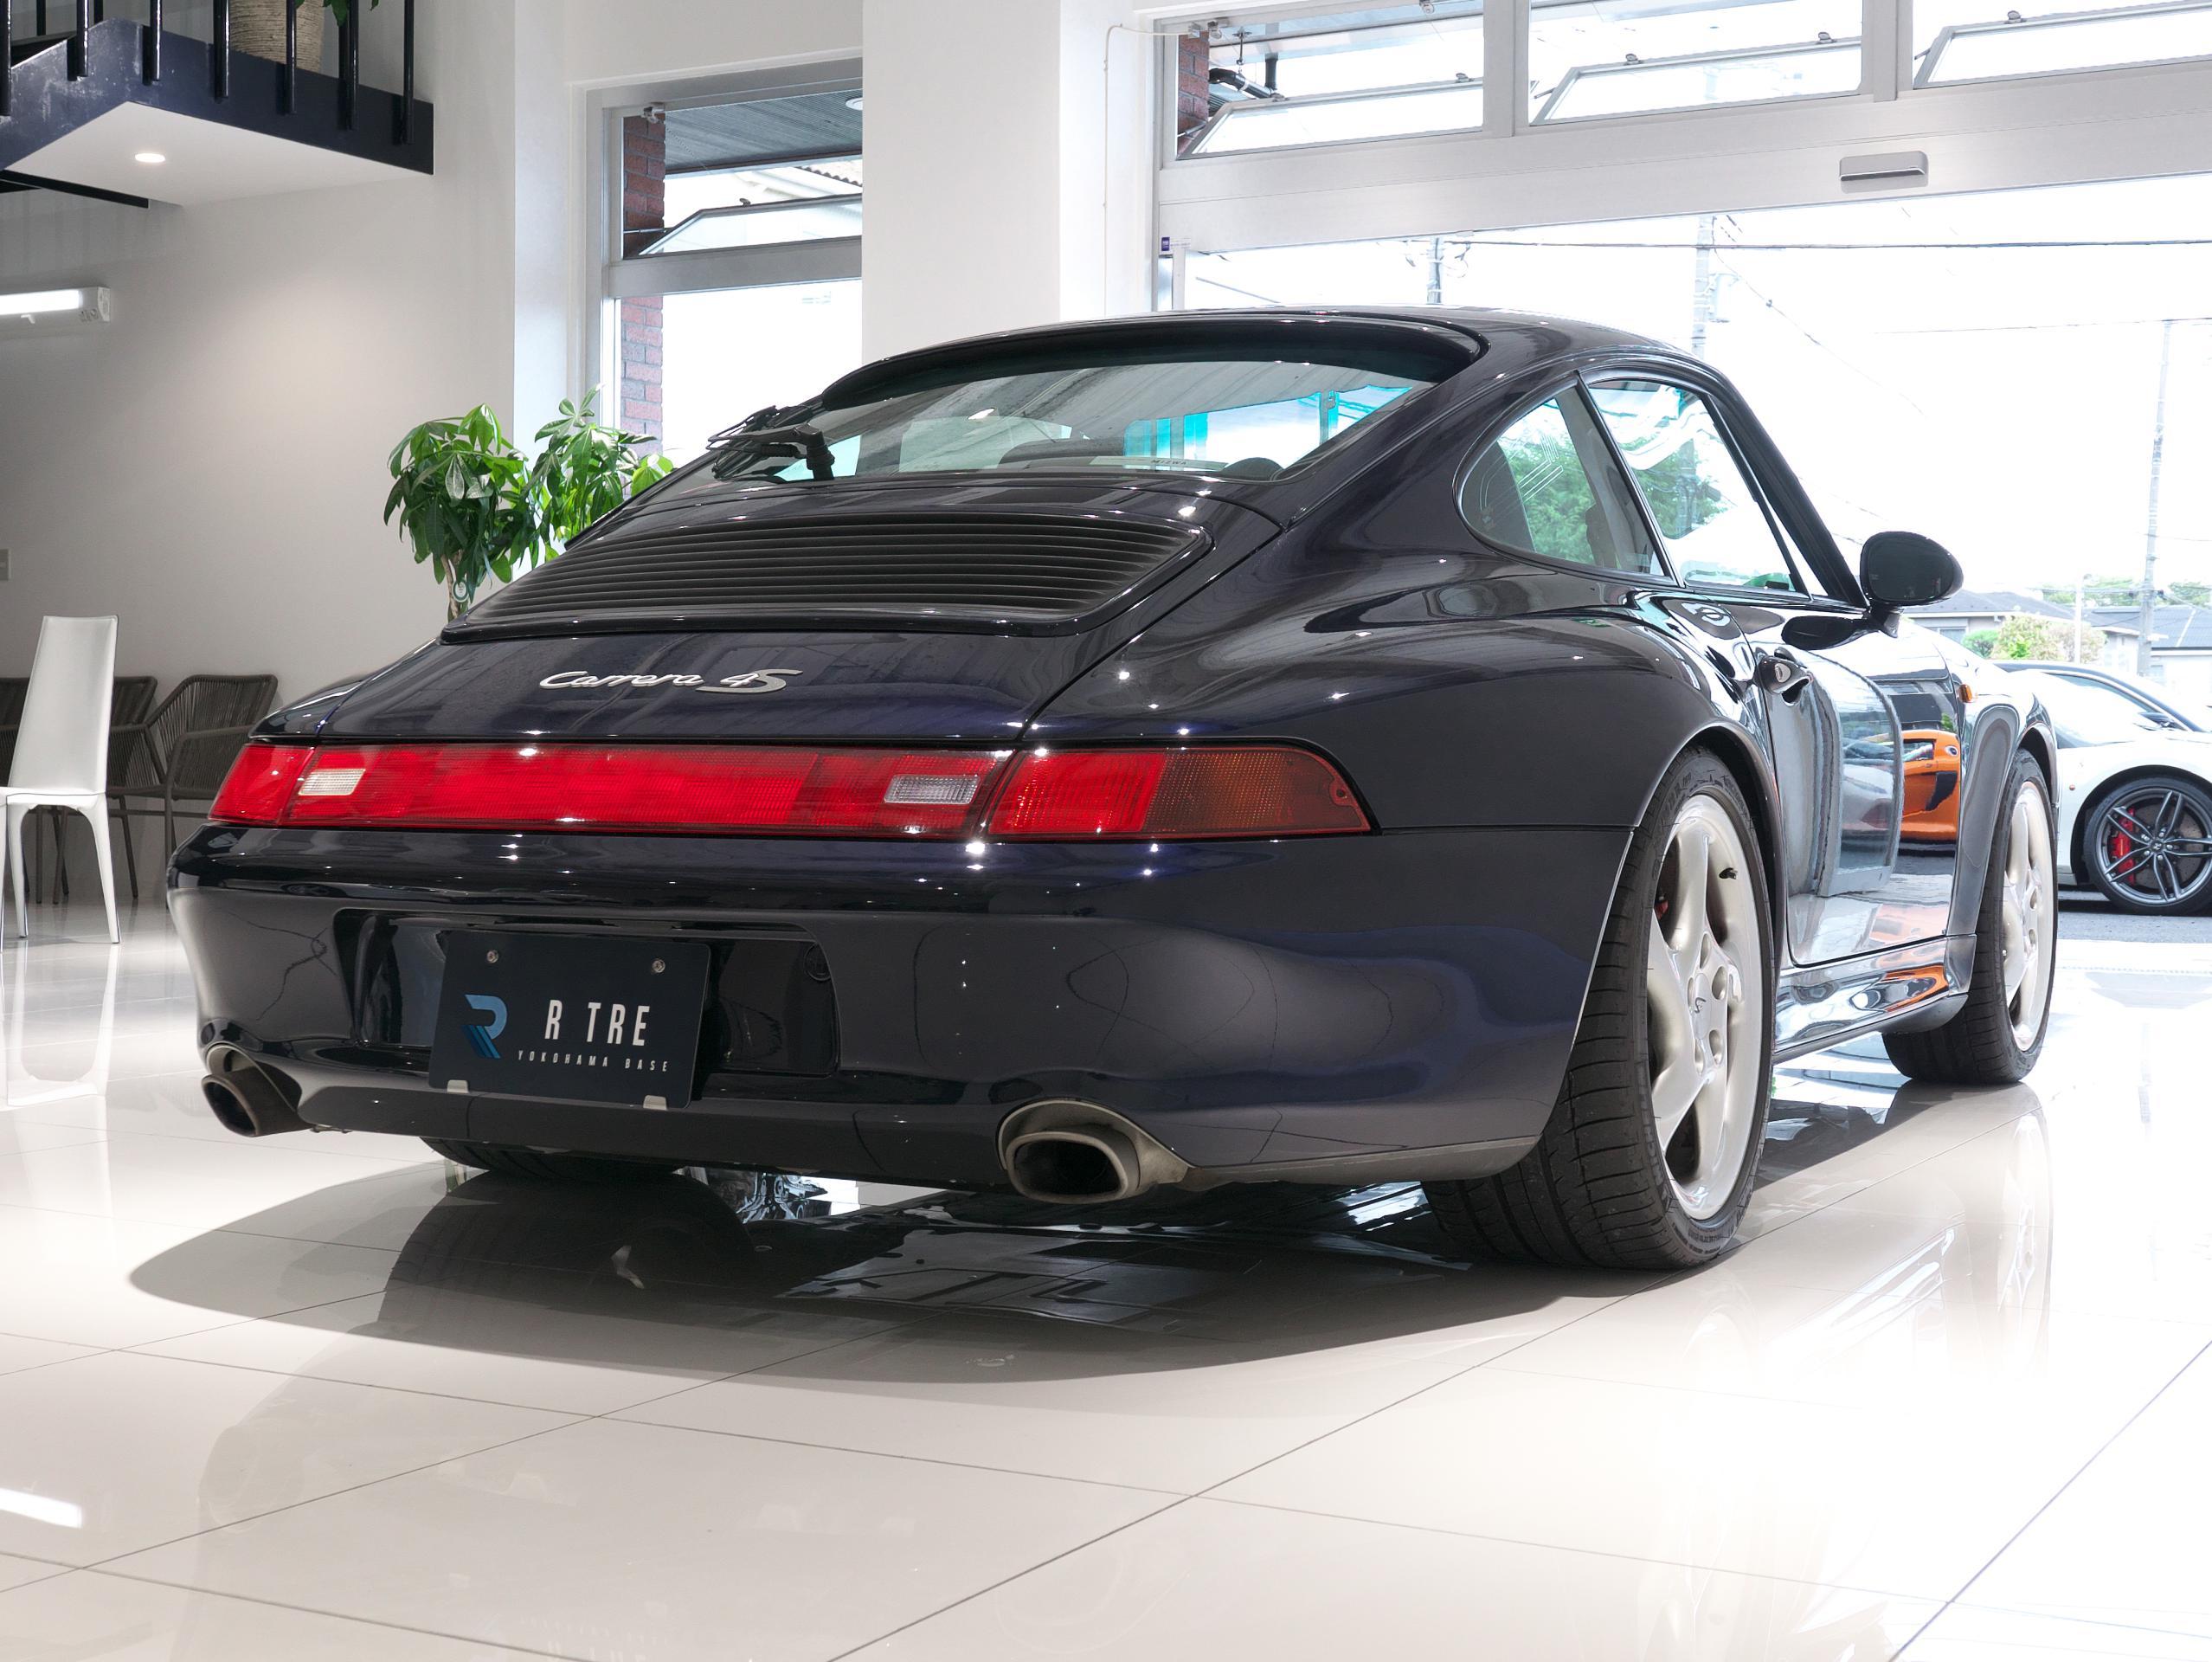 ポルシェ 911 カレラ4S 993 右斜め前